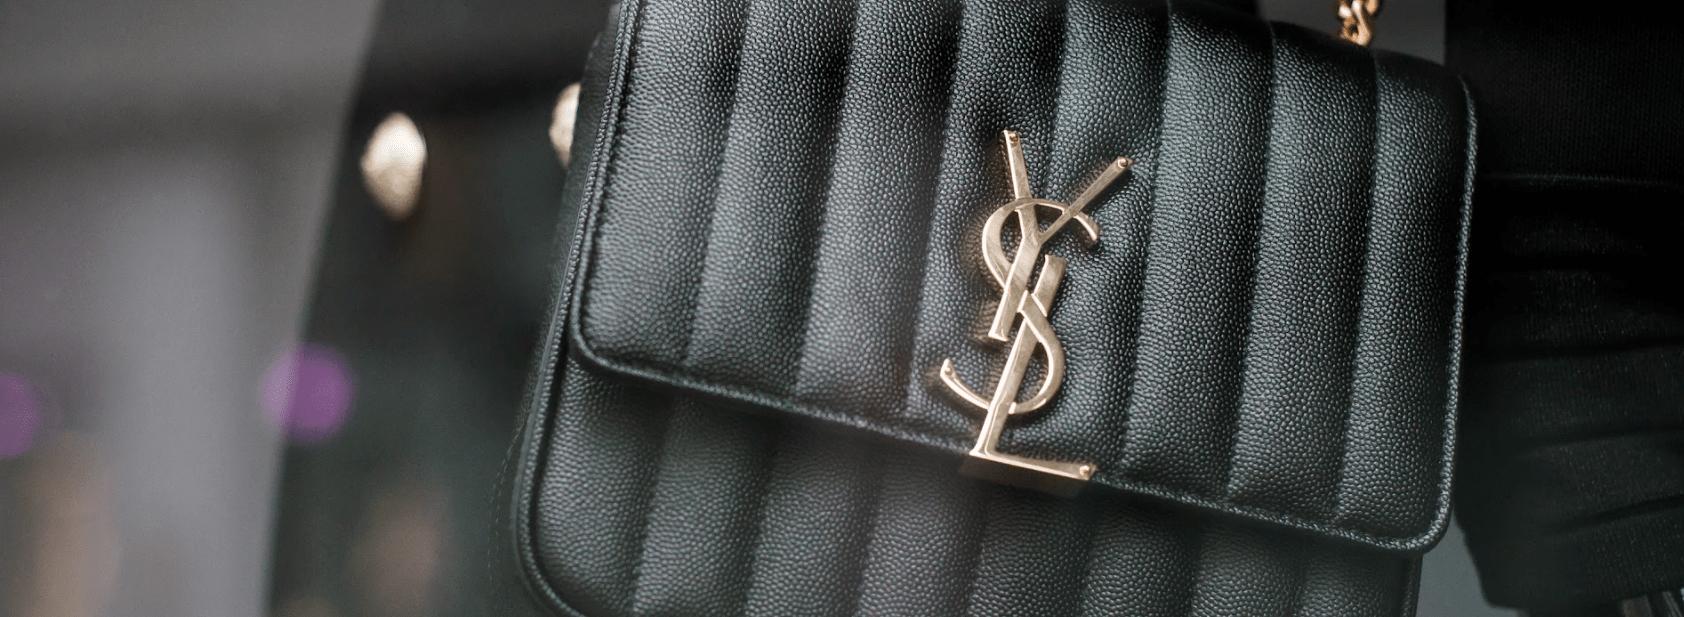 Schwarze Designer-Handtasche von YSL